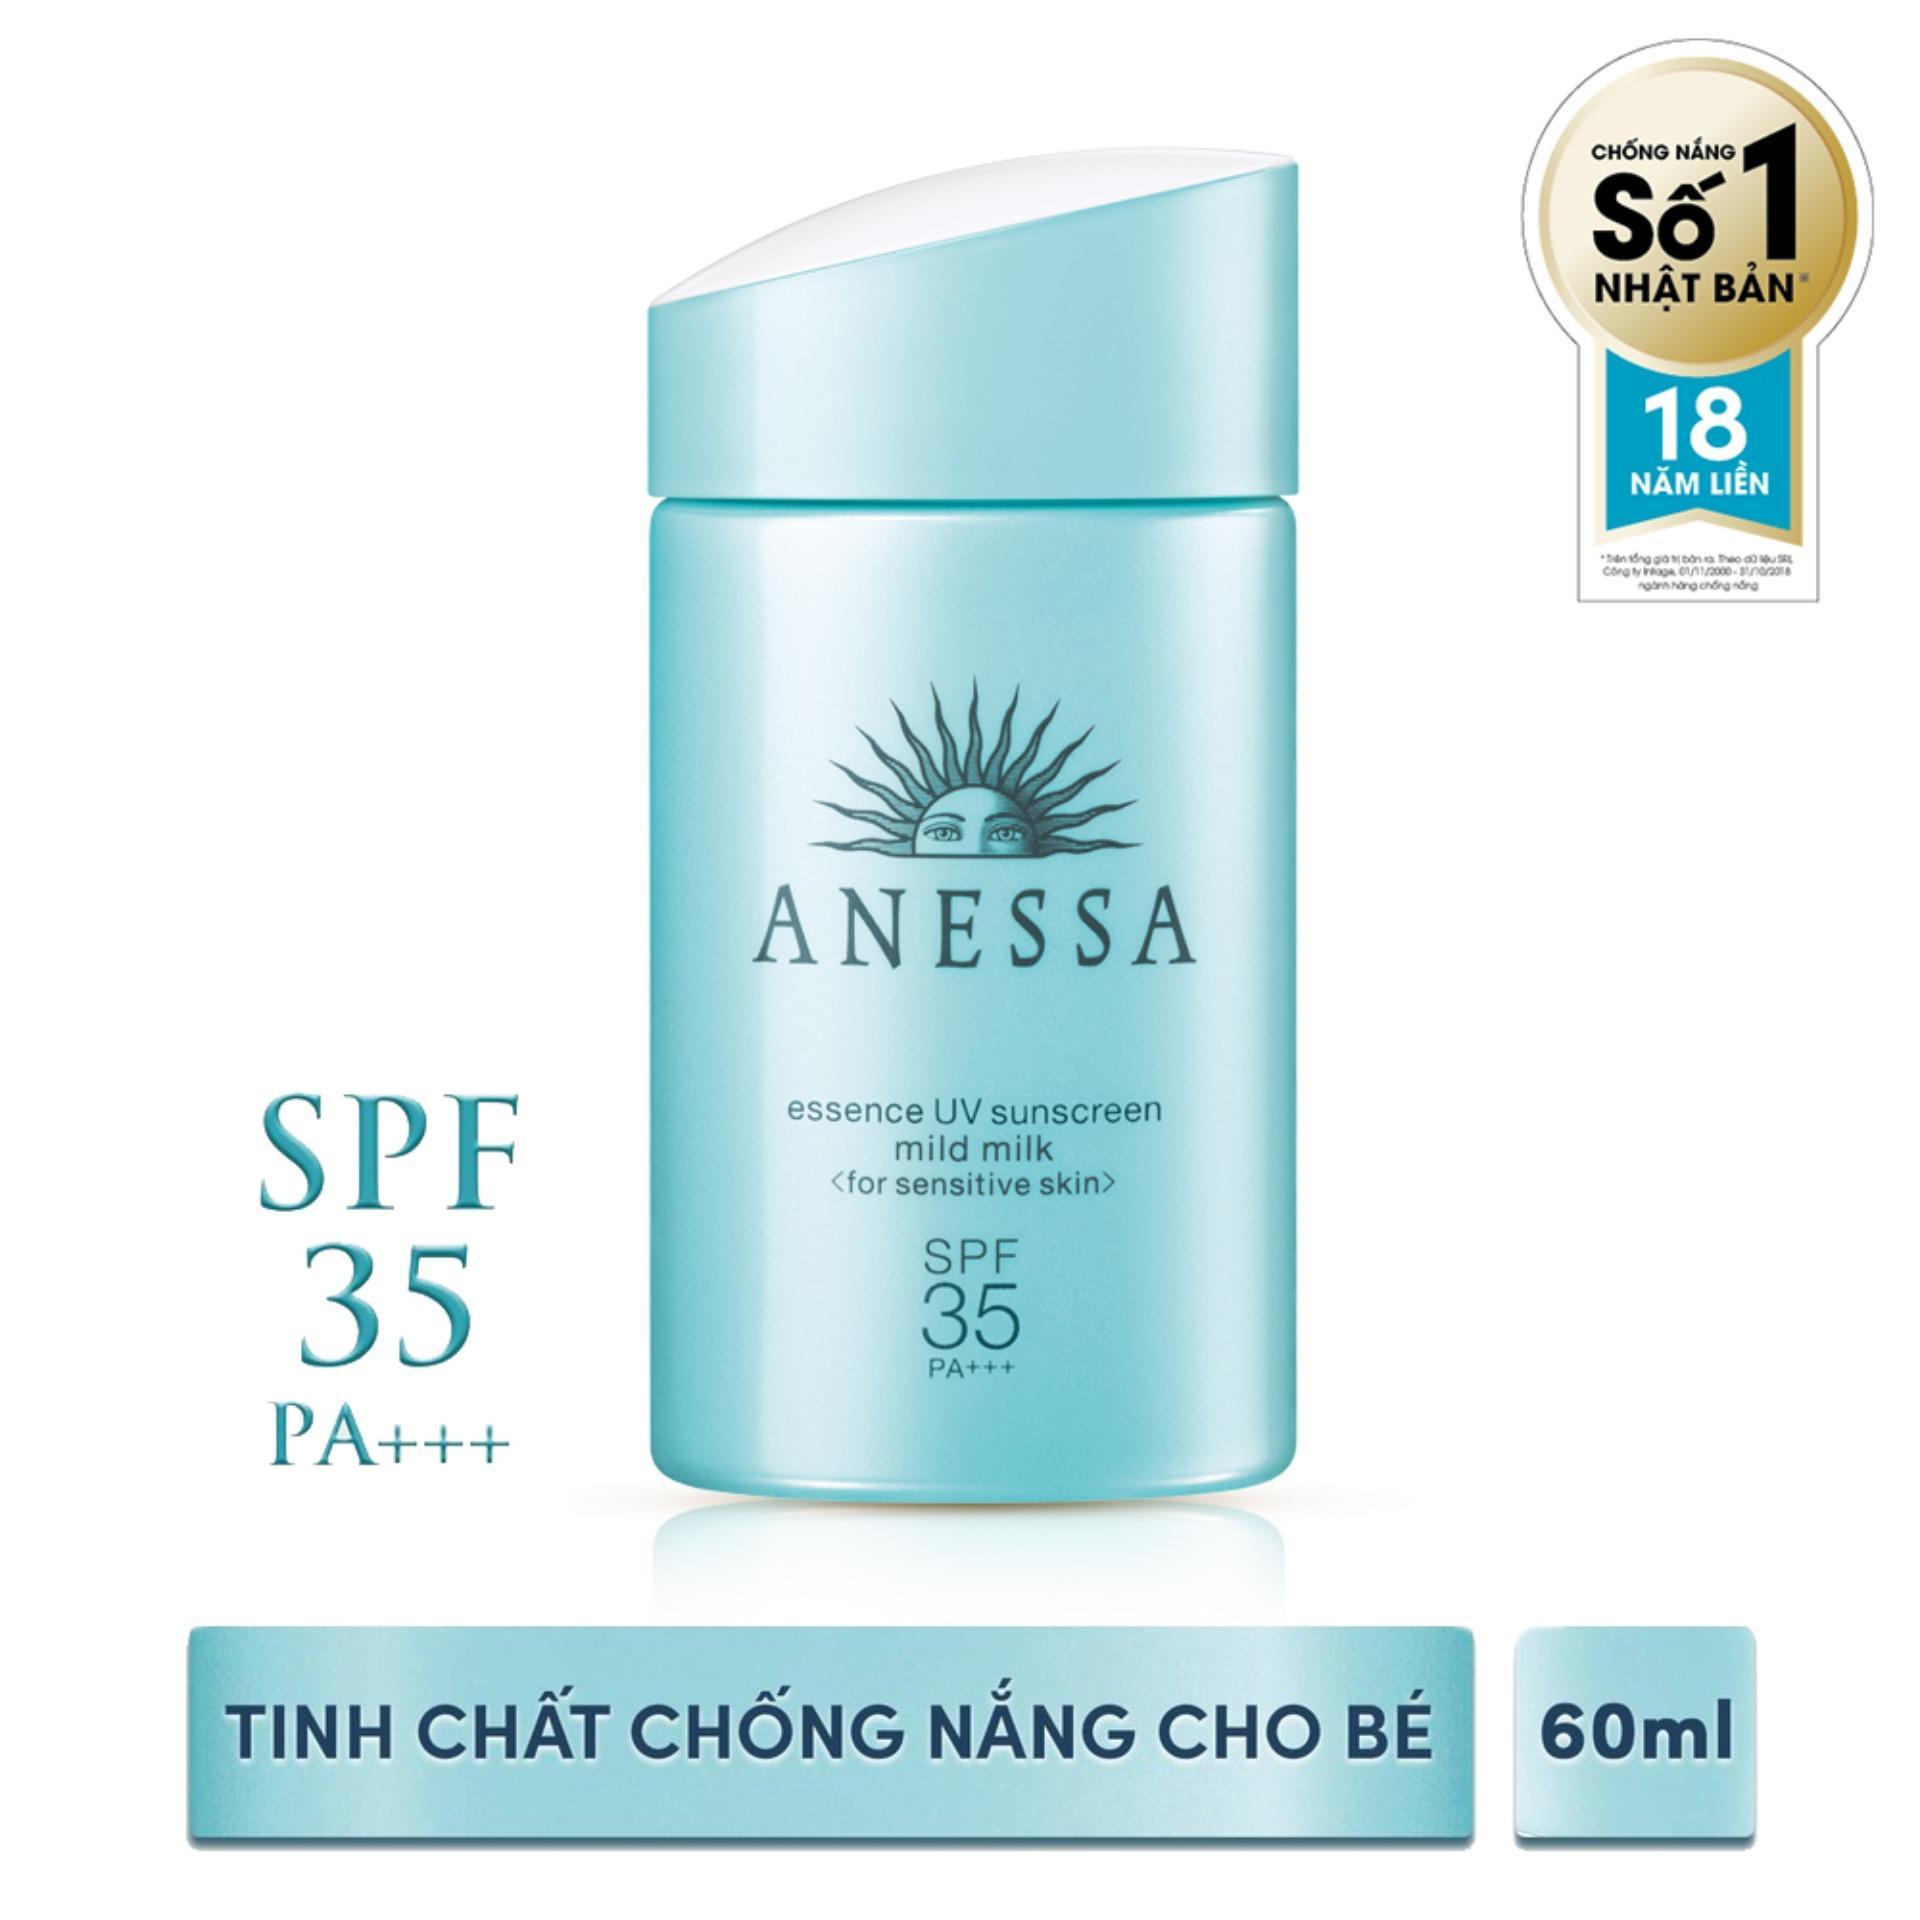 Kem chống nắng dịu nhẹ dạng tinh chất Anessa Essence UV Sunscreen Mild Milk 60ml tốt nhất